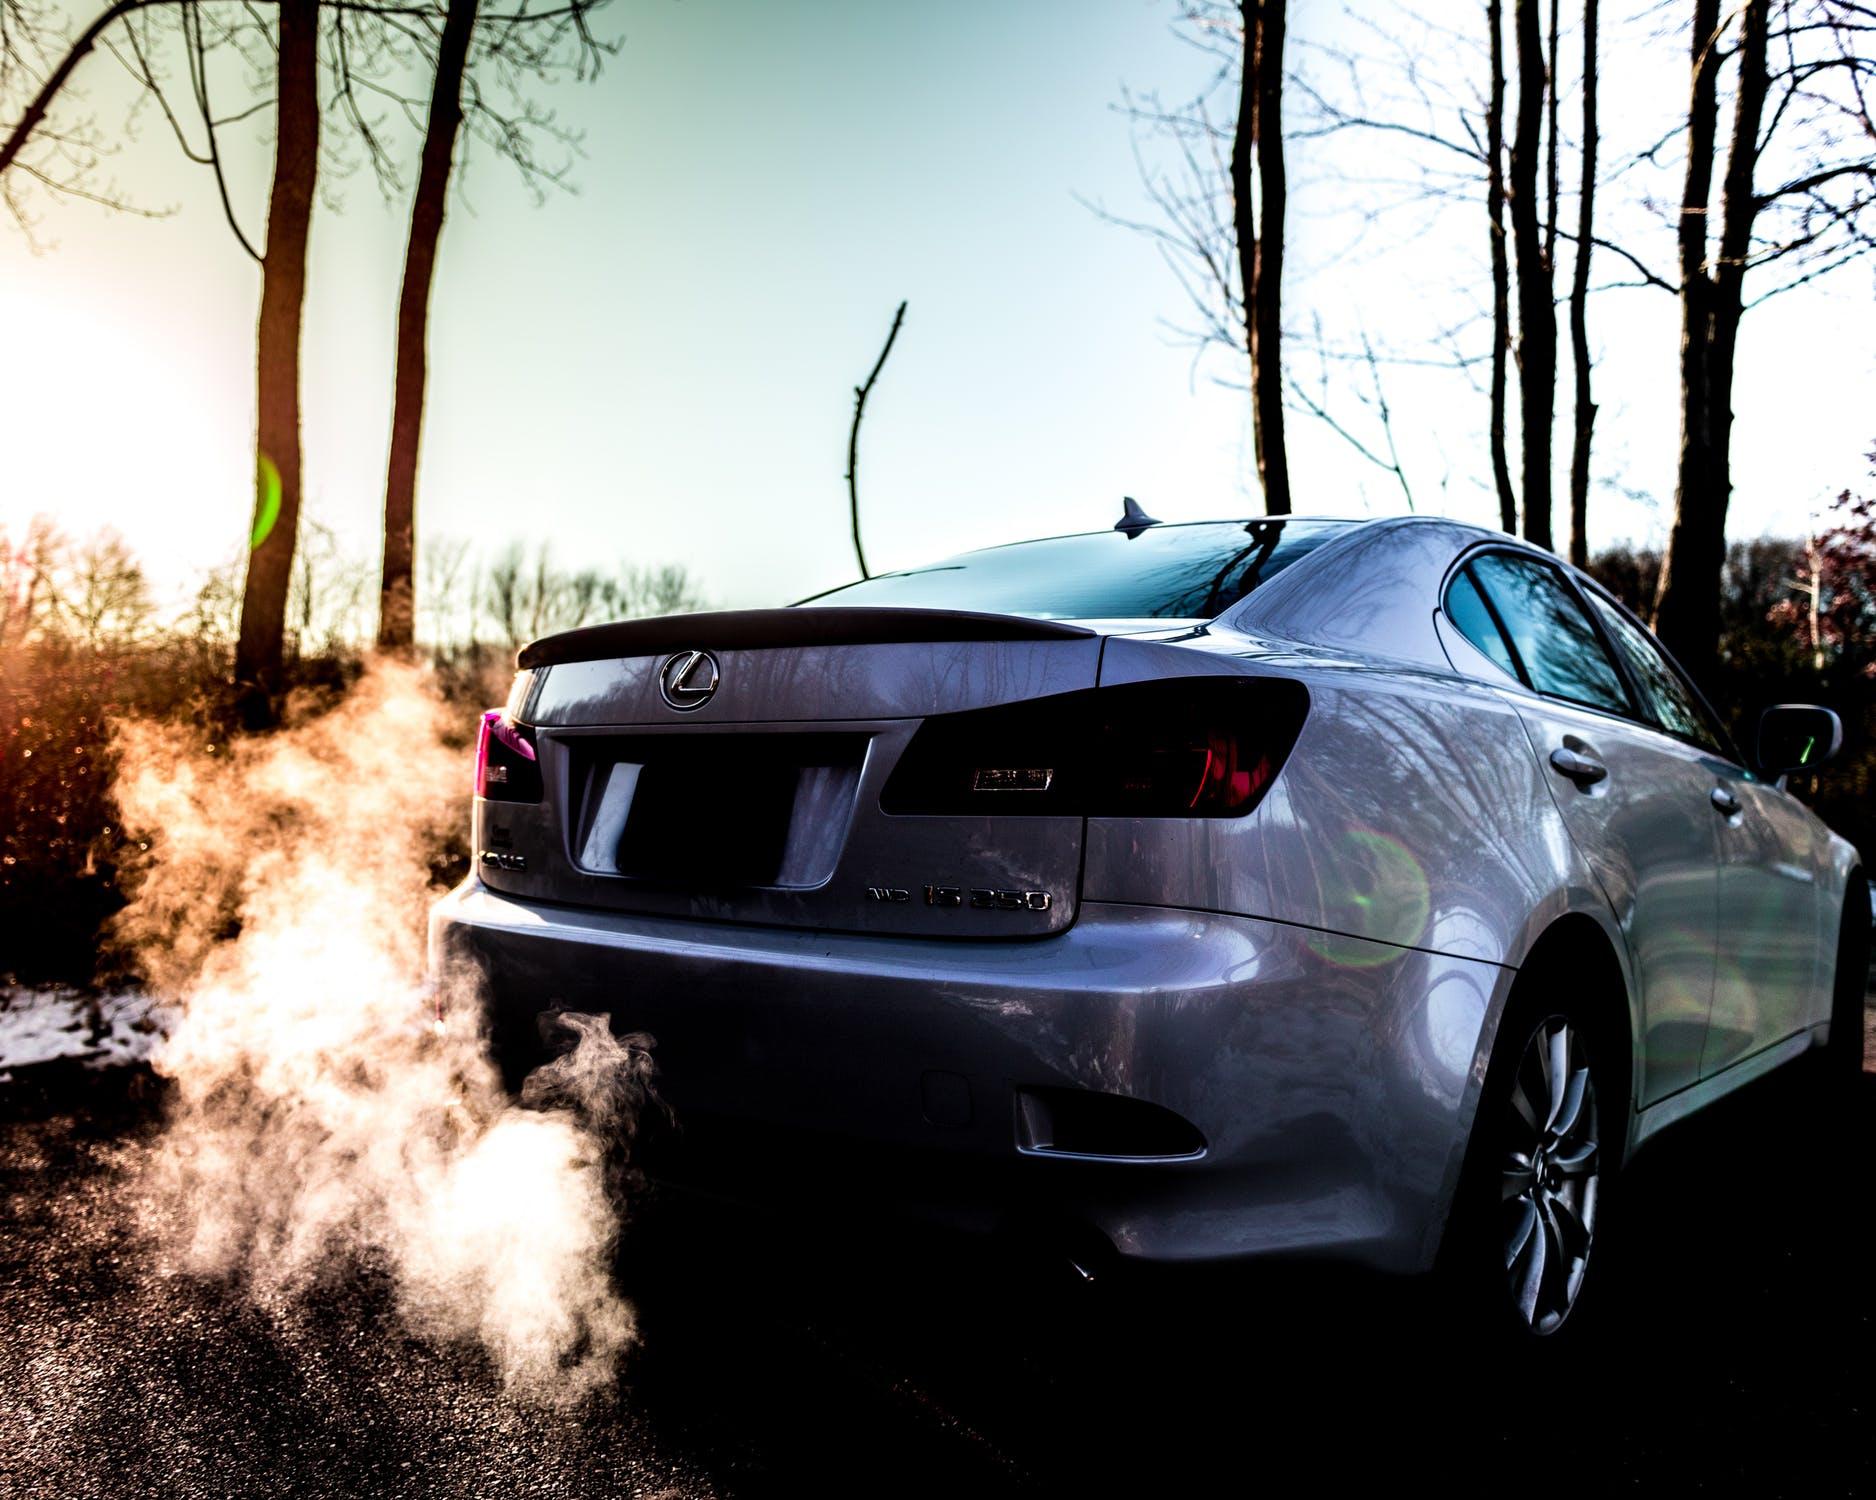 ¿Debo o no dejar calentar el motor de un auto al encenderlo?